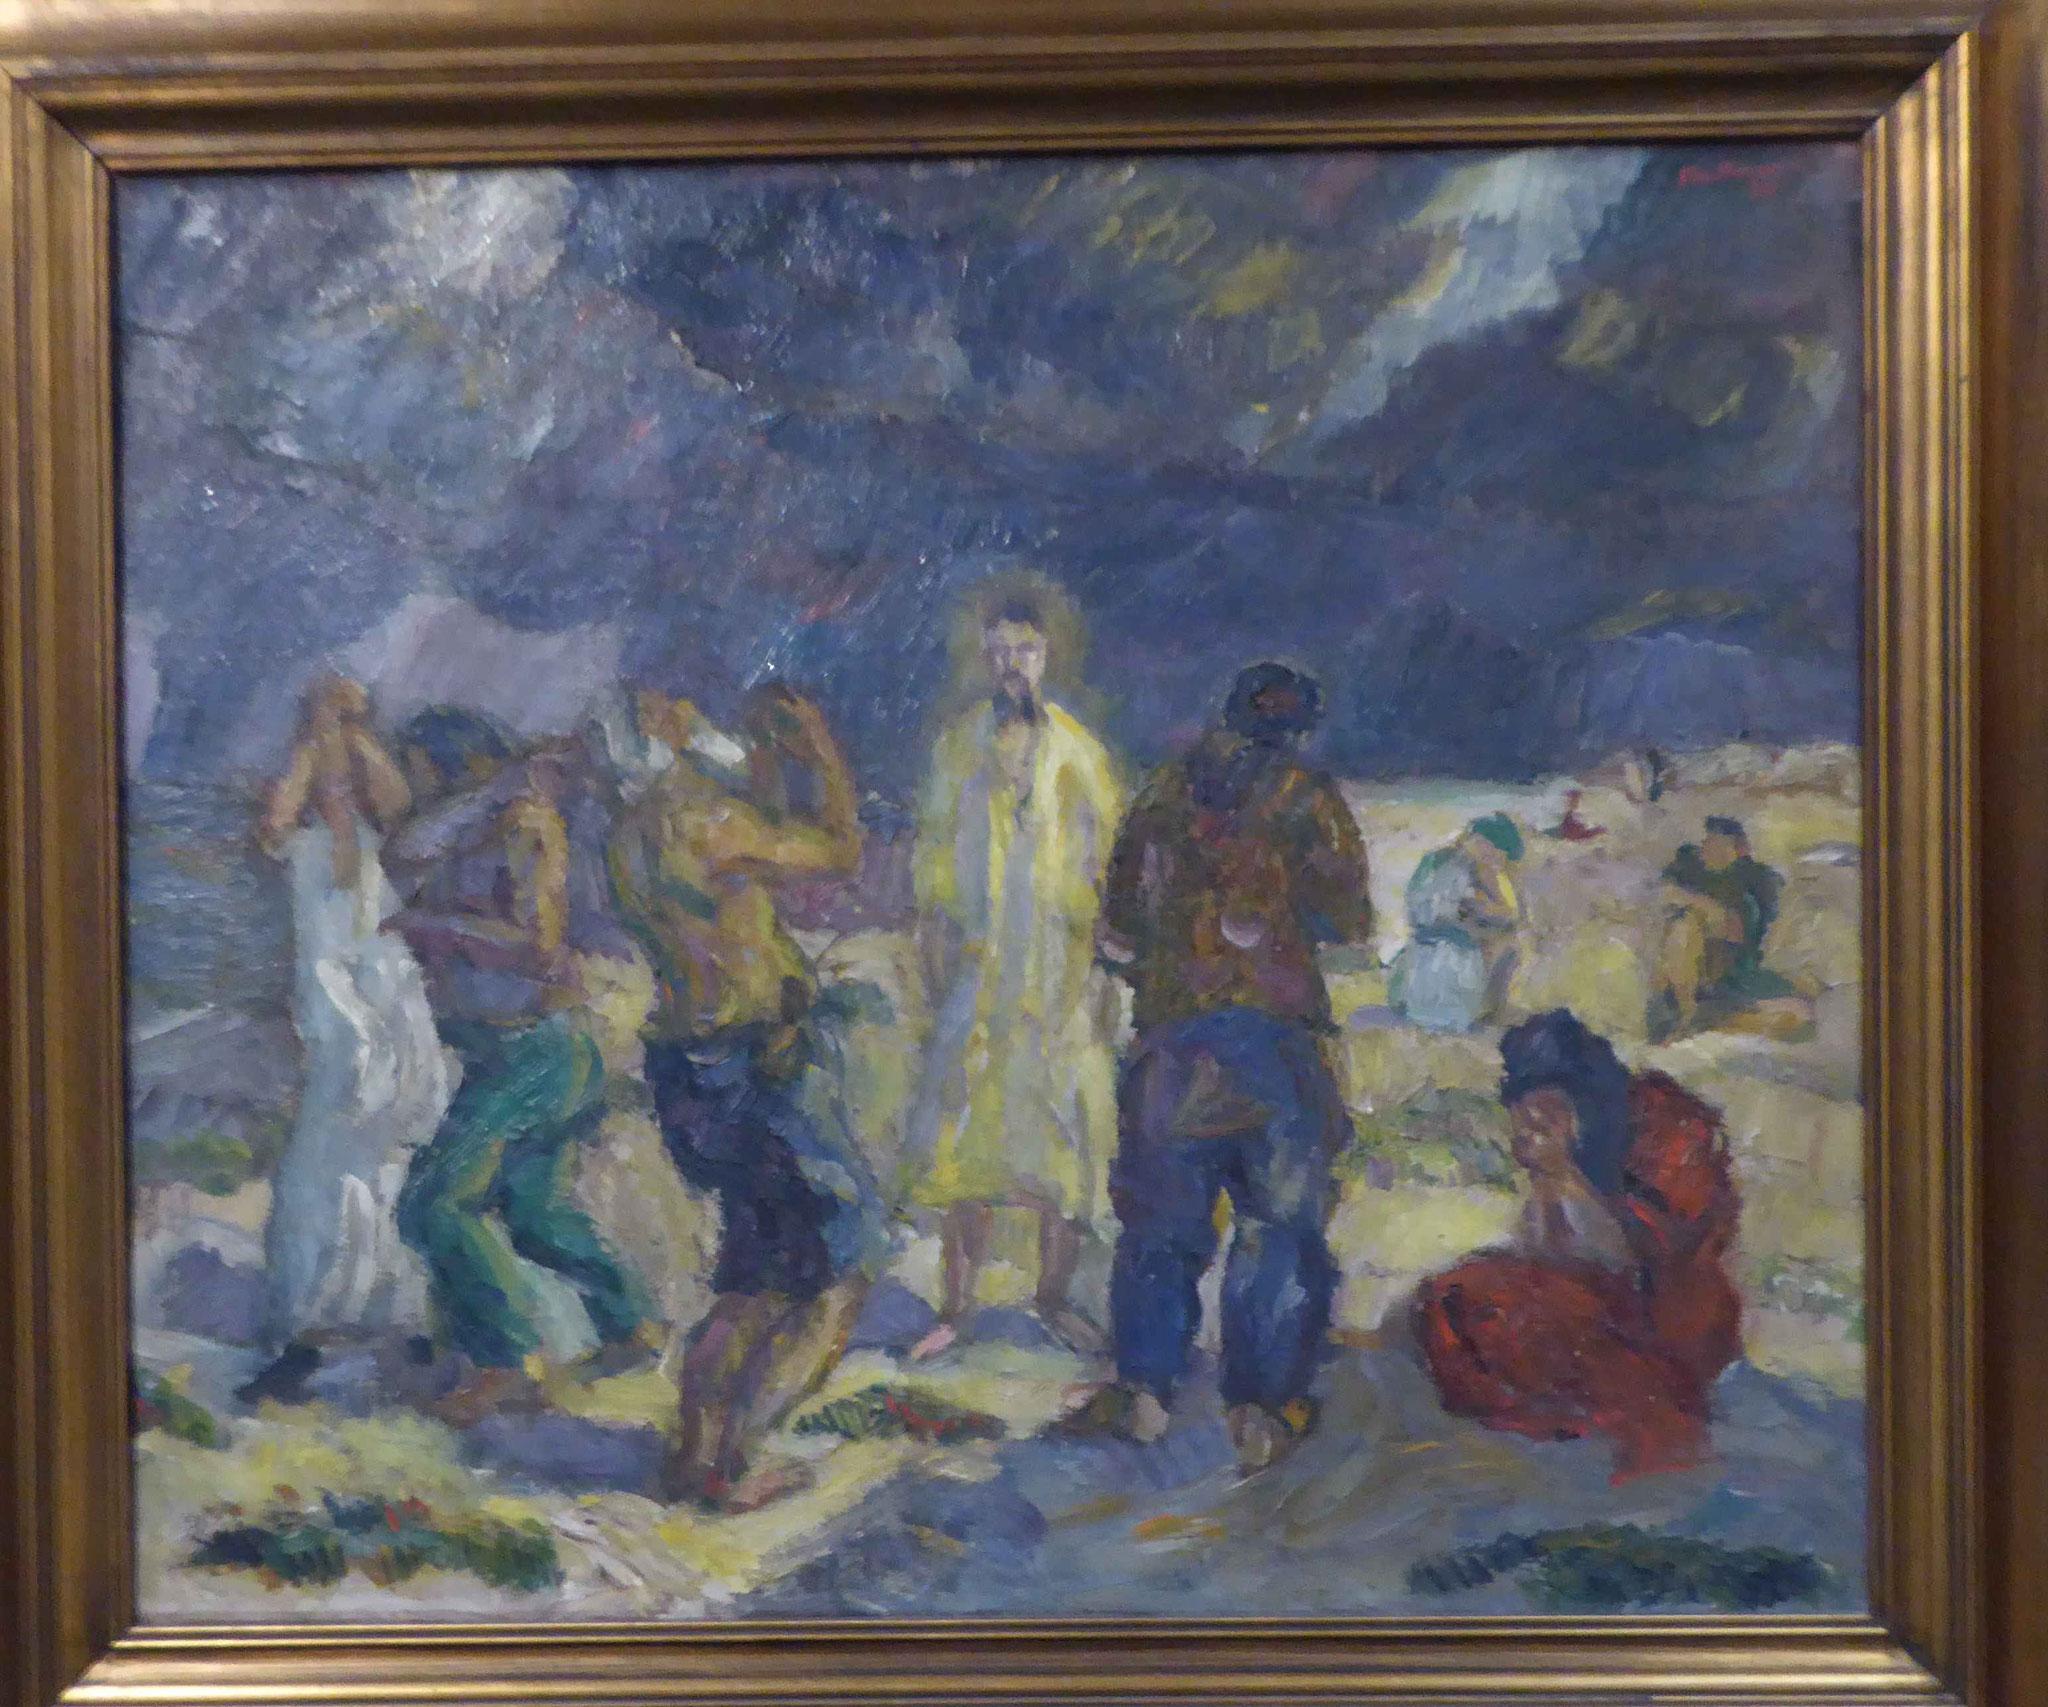 M ax Beckmann, Christus in der Wüste, 1910,  Museum Moritzburg, Halle